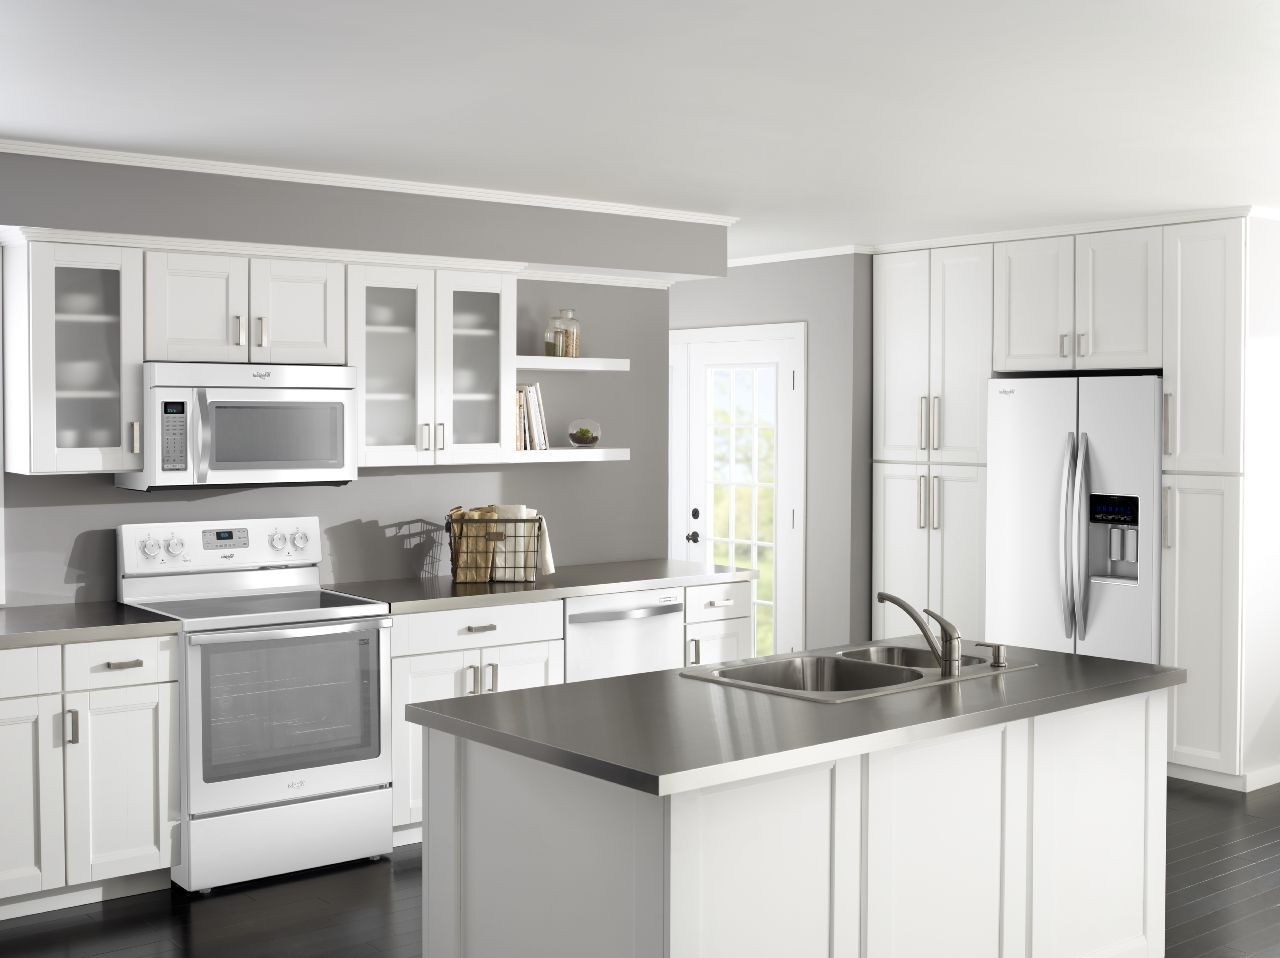 Kitchen Paint Ideas With White Appliances   Novocom.top